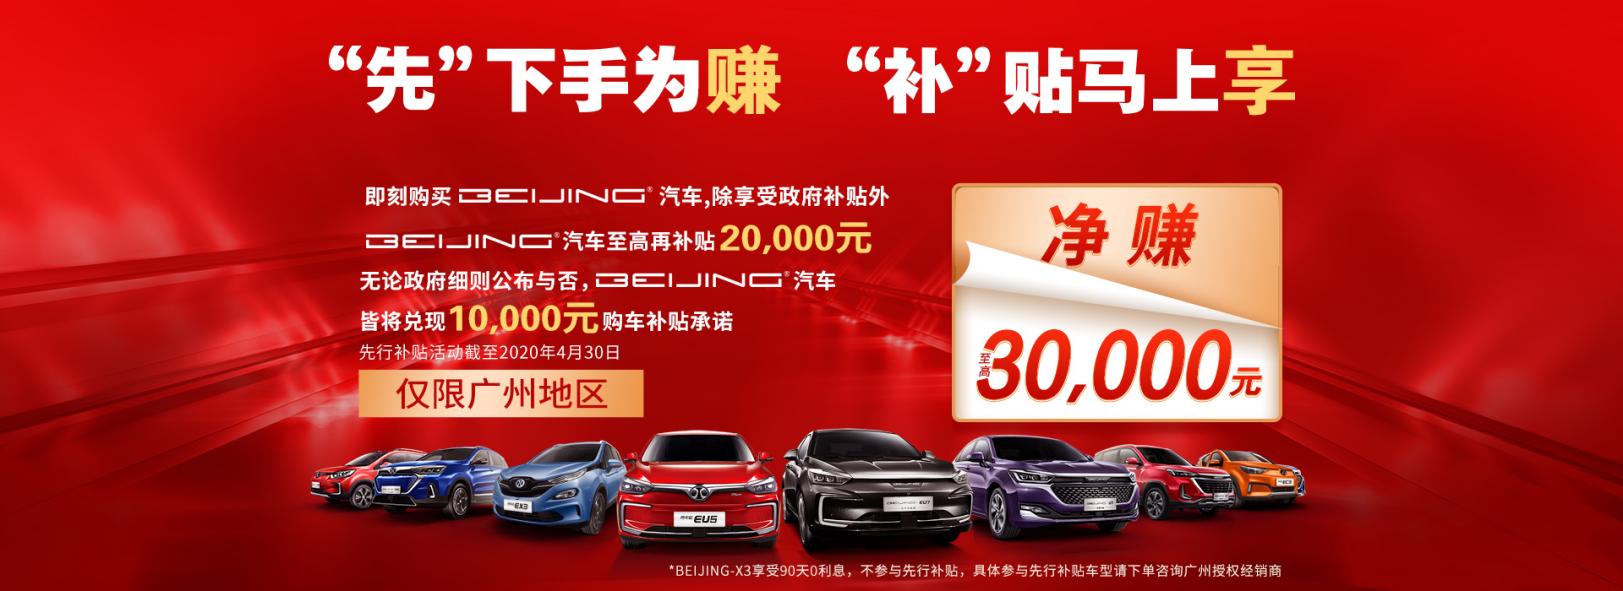 猴子赛雷!a级车价买B级车和13000元补贴北京-U7介绍你!